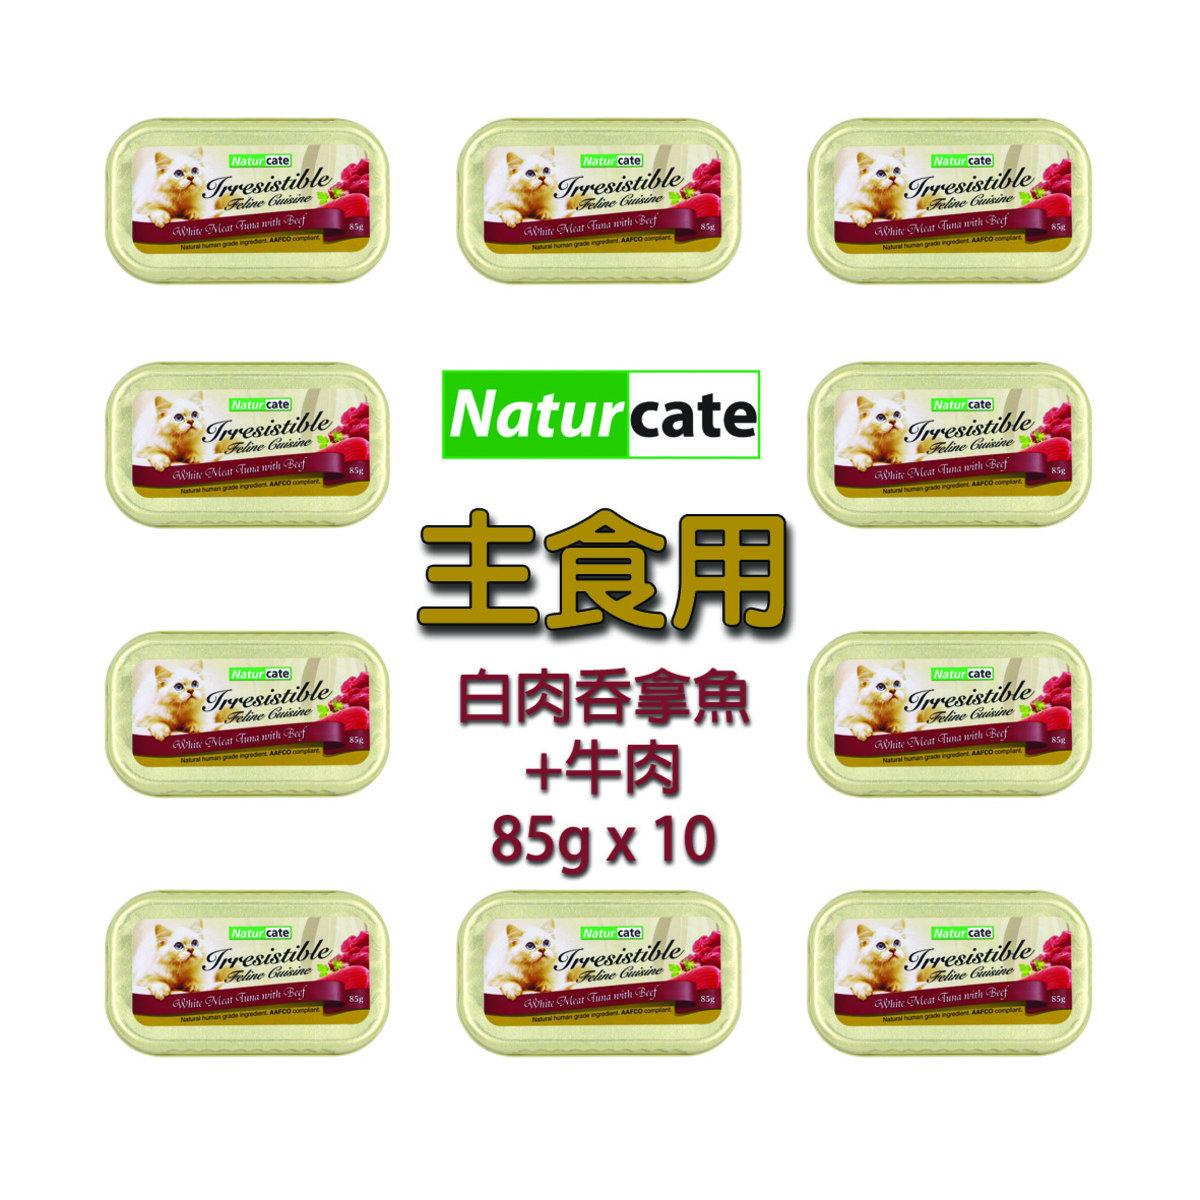 白肉吞拿魚+牛肉 85g - 10罐